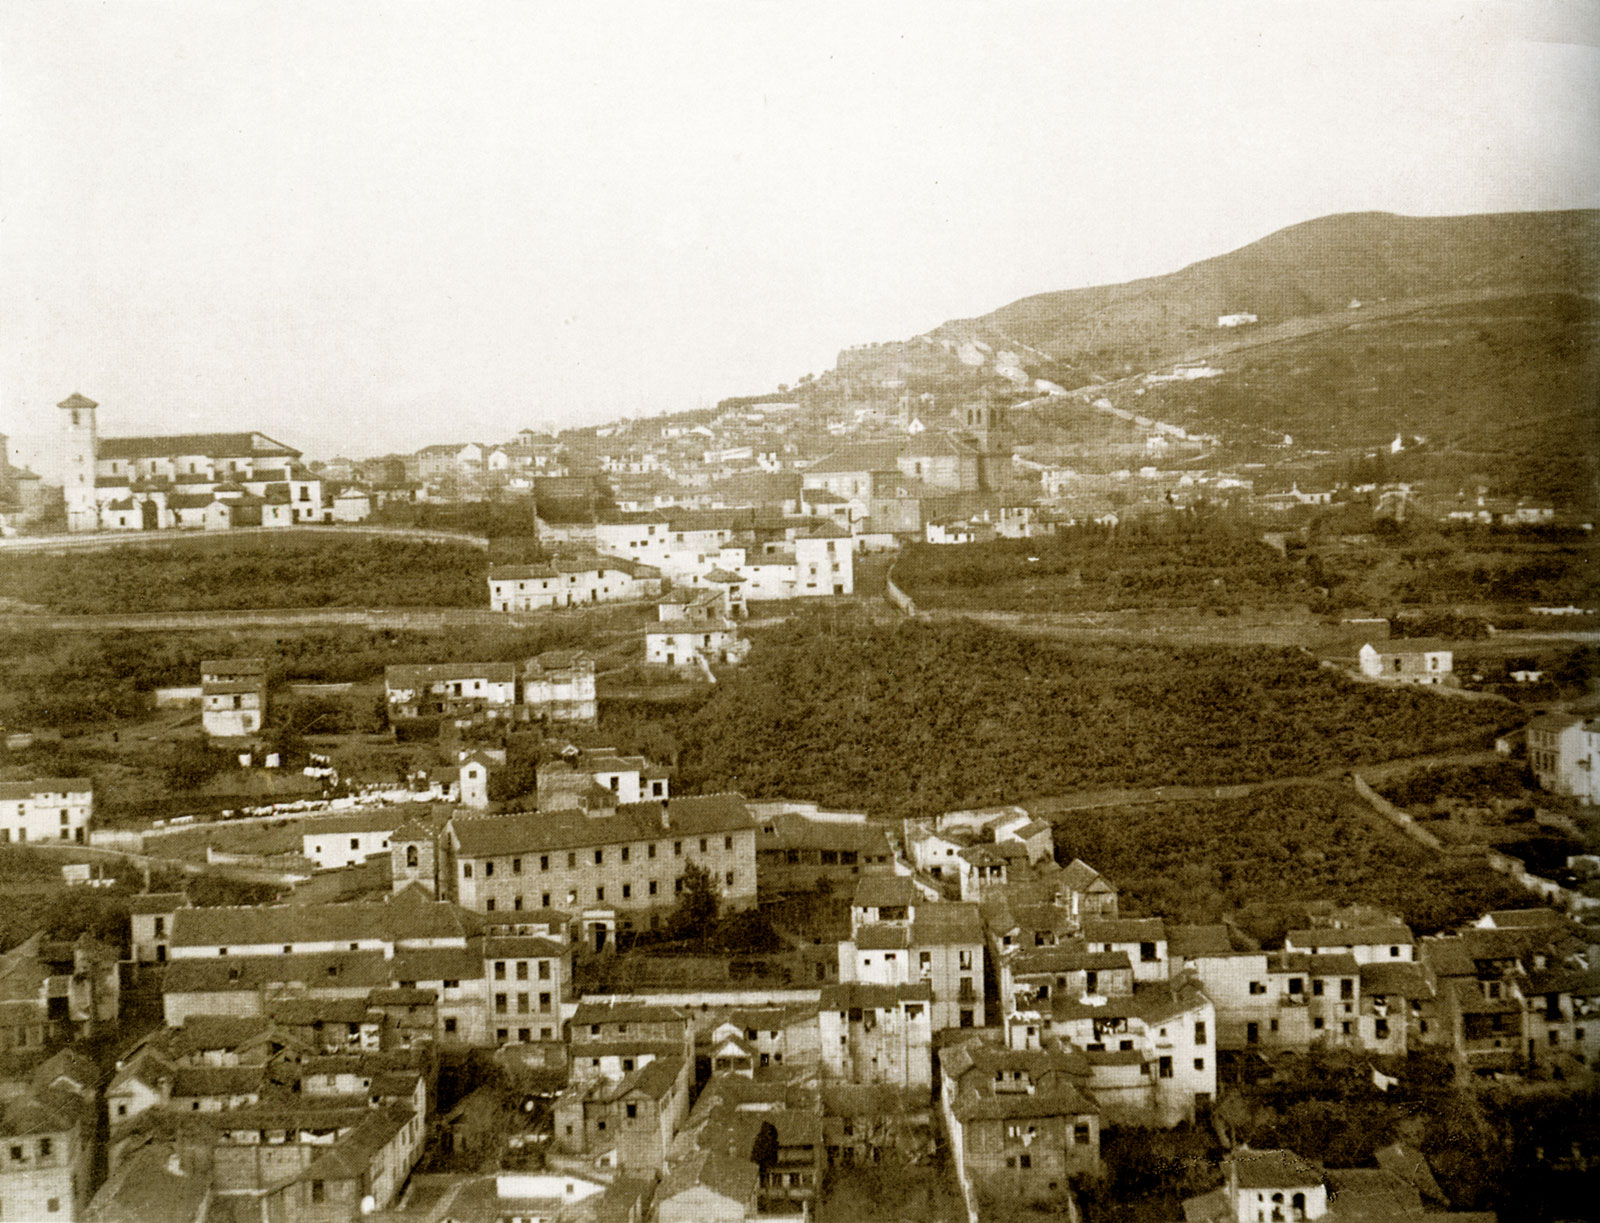 Detalle de 'Vista del Albaicín desde la Alhambra' (Fotografía de Rioboo, h 1910-20)